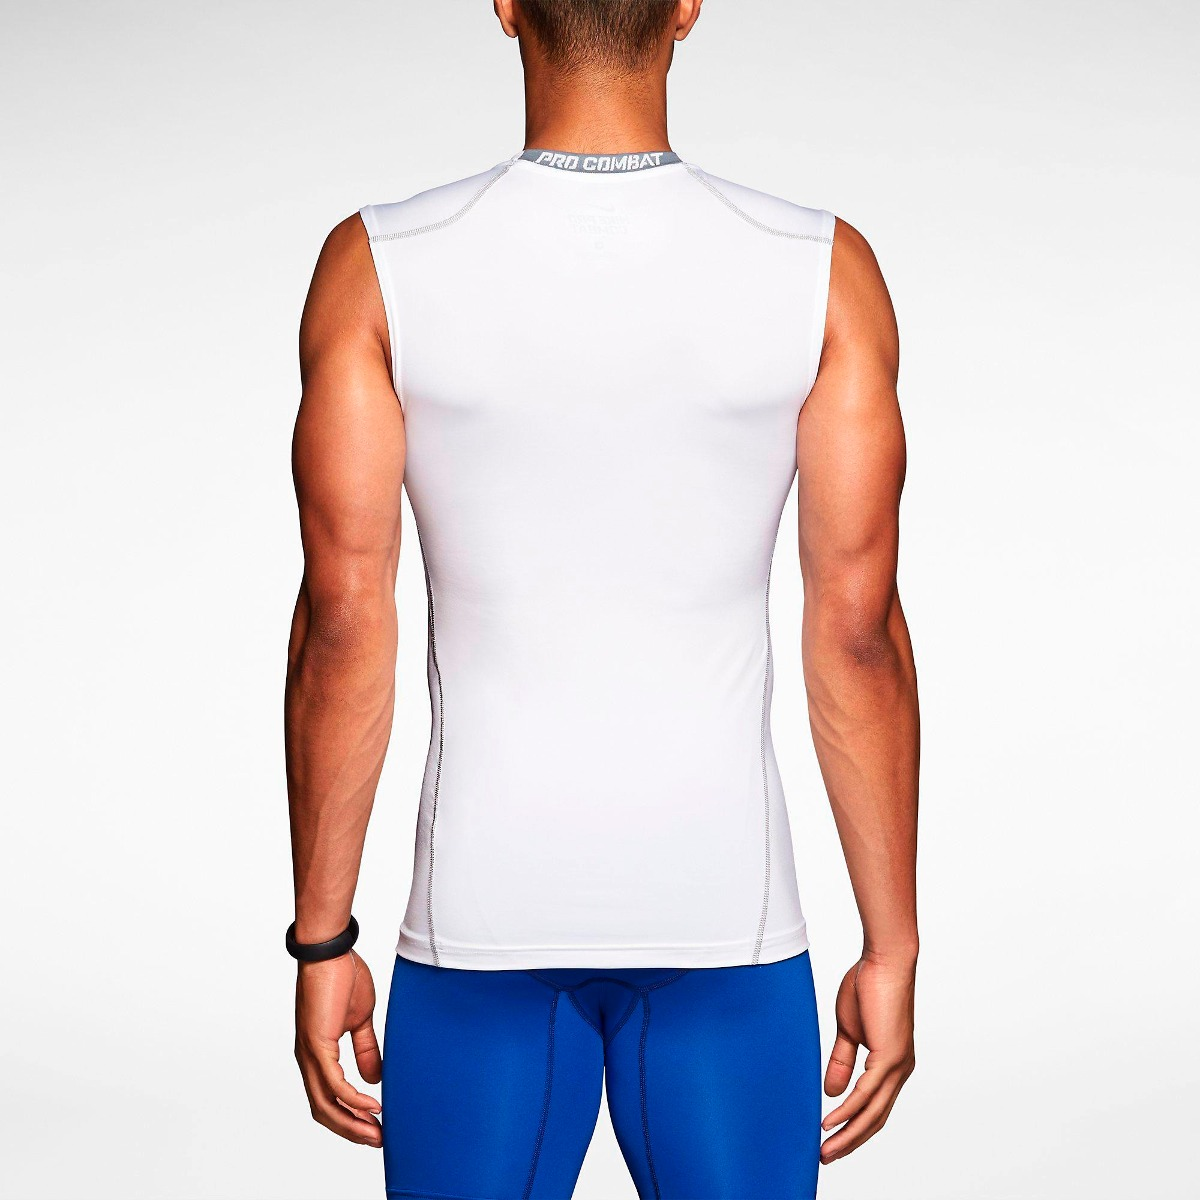 camiseta nike pro combat regata tam.g - v2mshop. Carregando zoom. d23c8c6b751ce